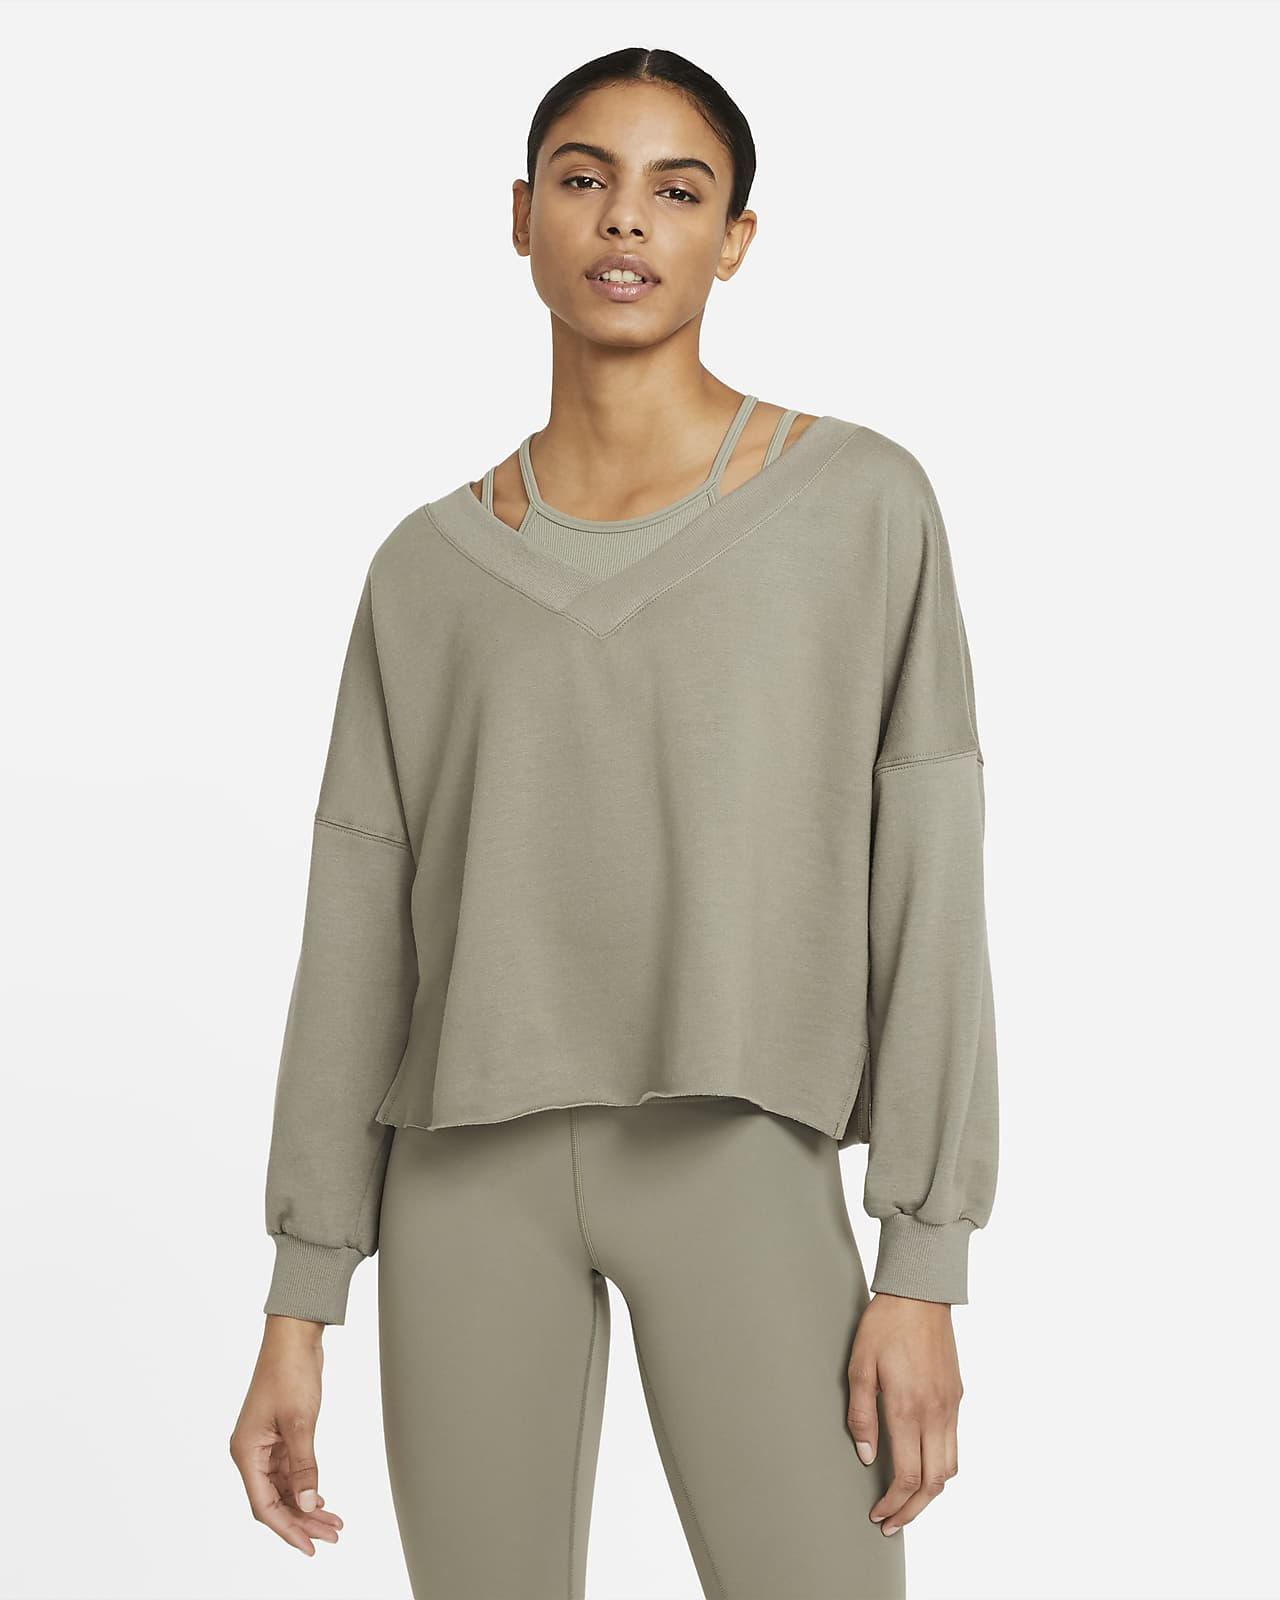 Camiseta con cuello en V de tejido Fleece para mujer Nike Yoga Luxe